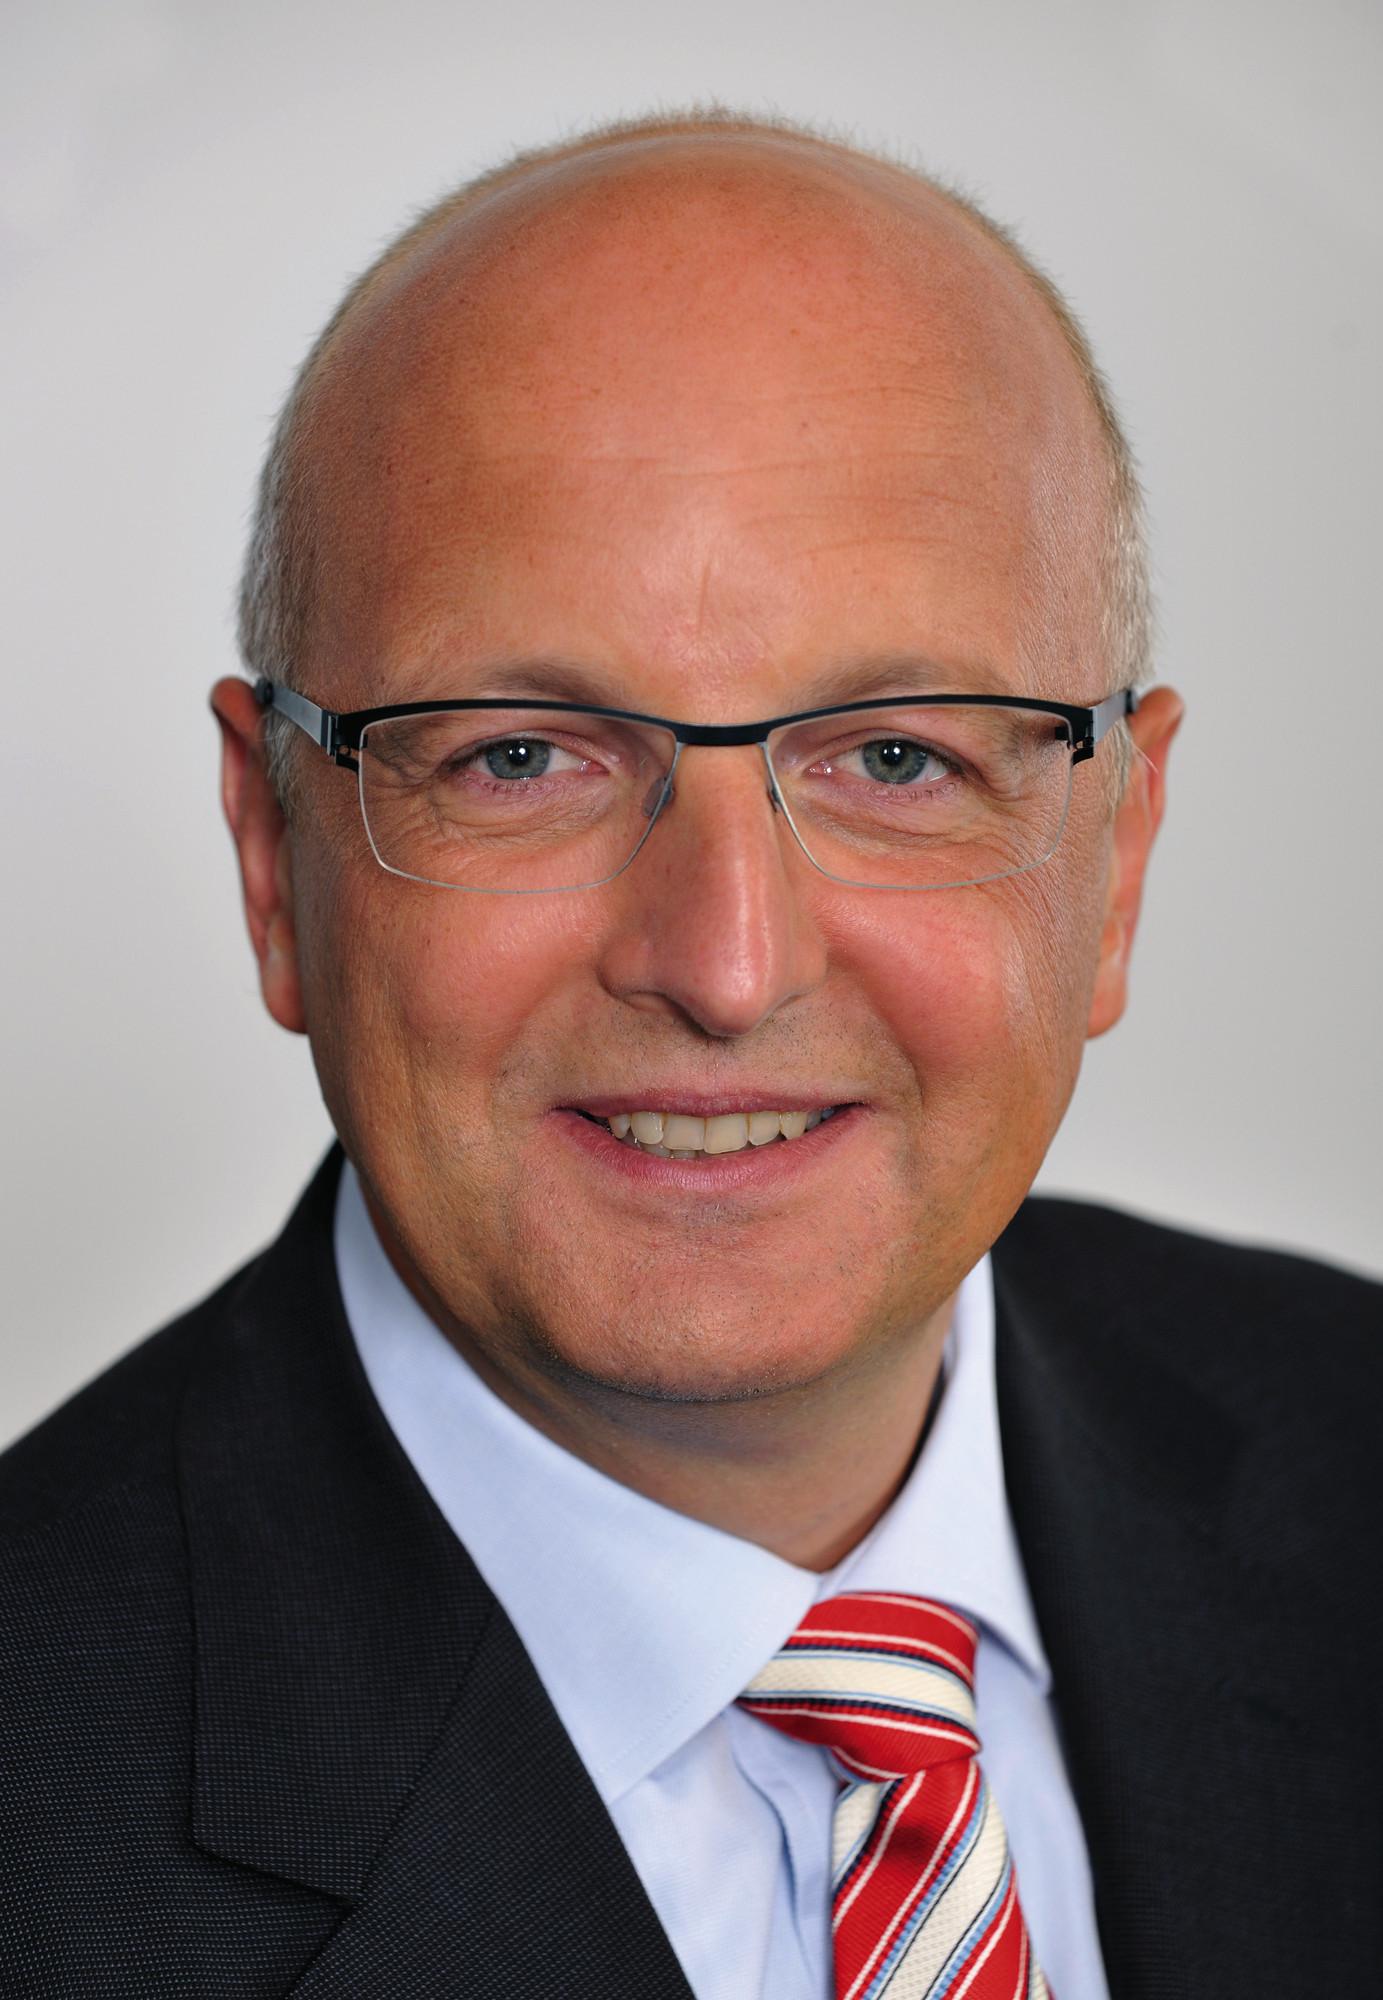 Rolf Schwirz, direktor družbe Fujitsu Technology Solutions: Danes varnost na področju informacijske tehnologije predstavlja veliko več kot le zaščito pred napadi na informacijske sisteme podjetij in javnih ustanov